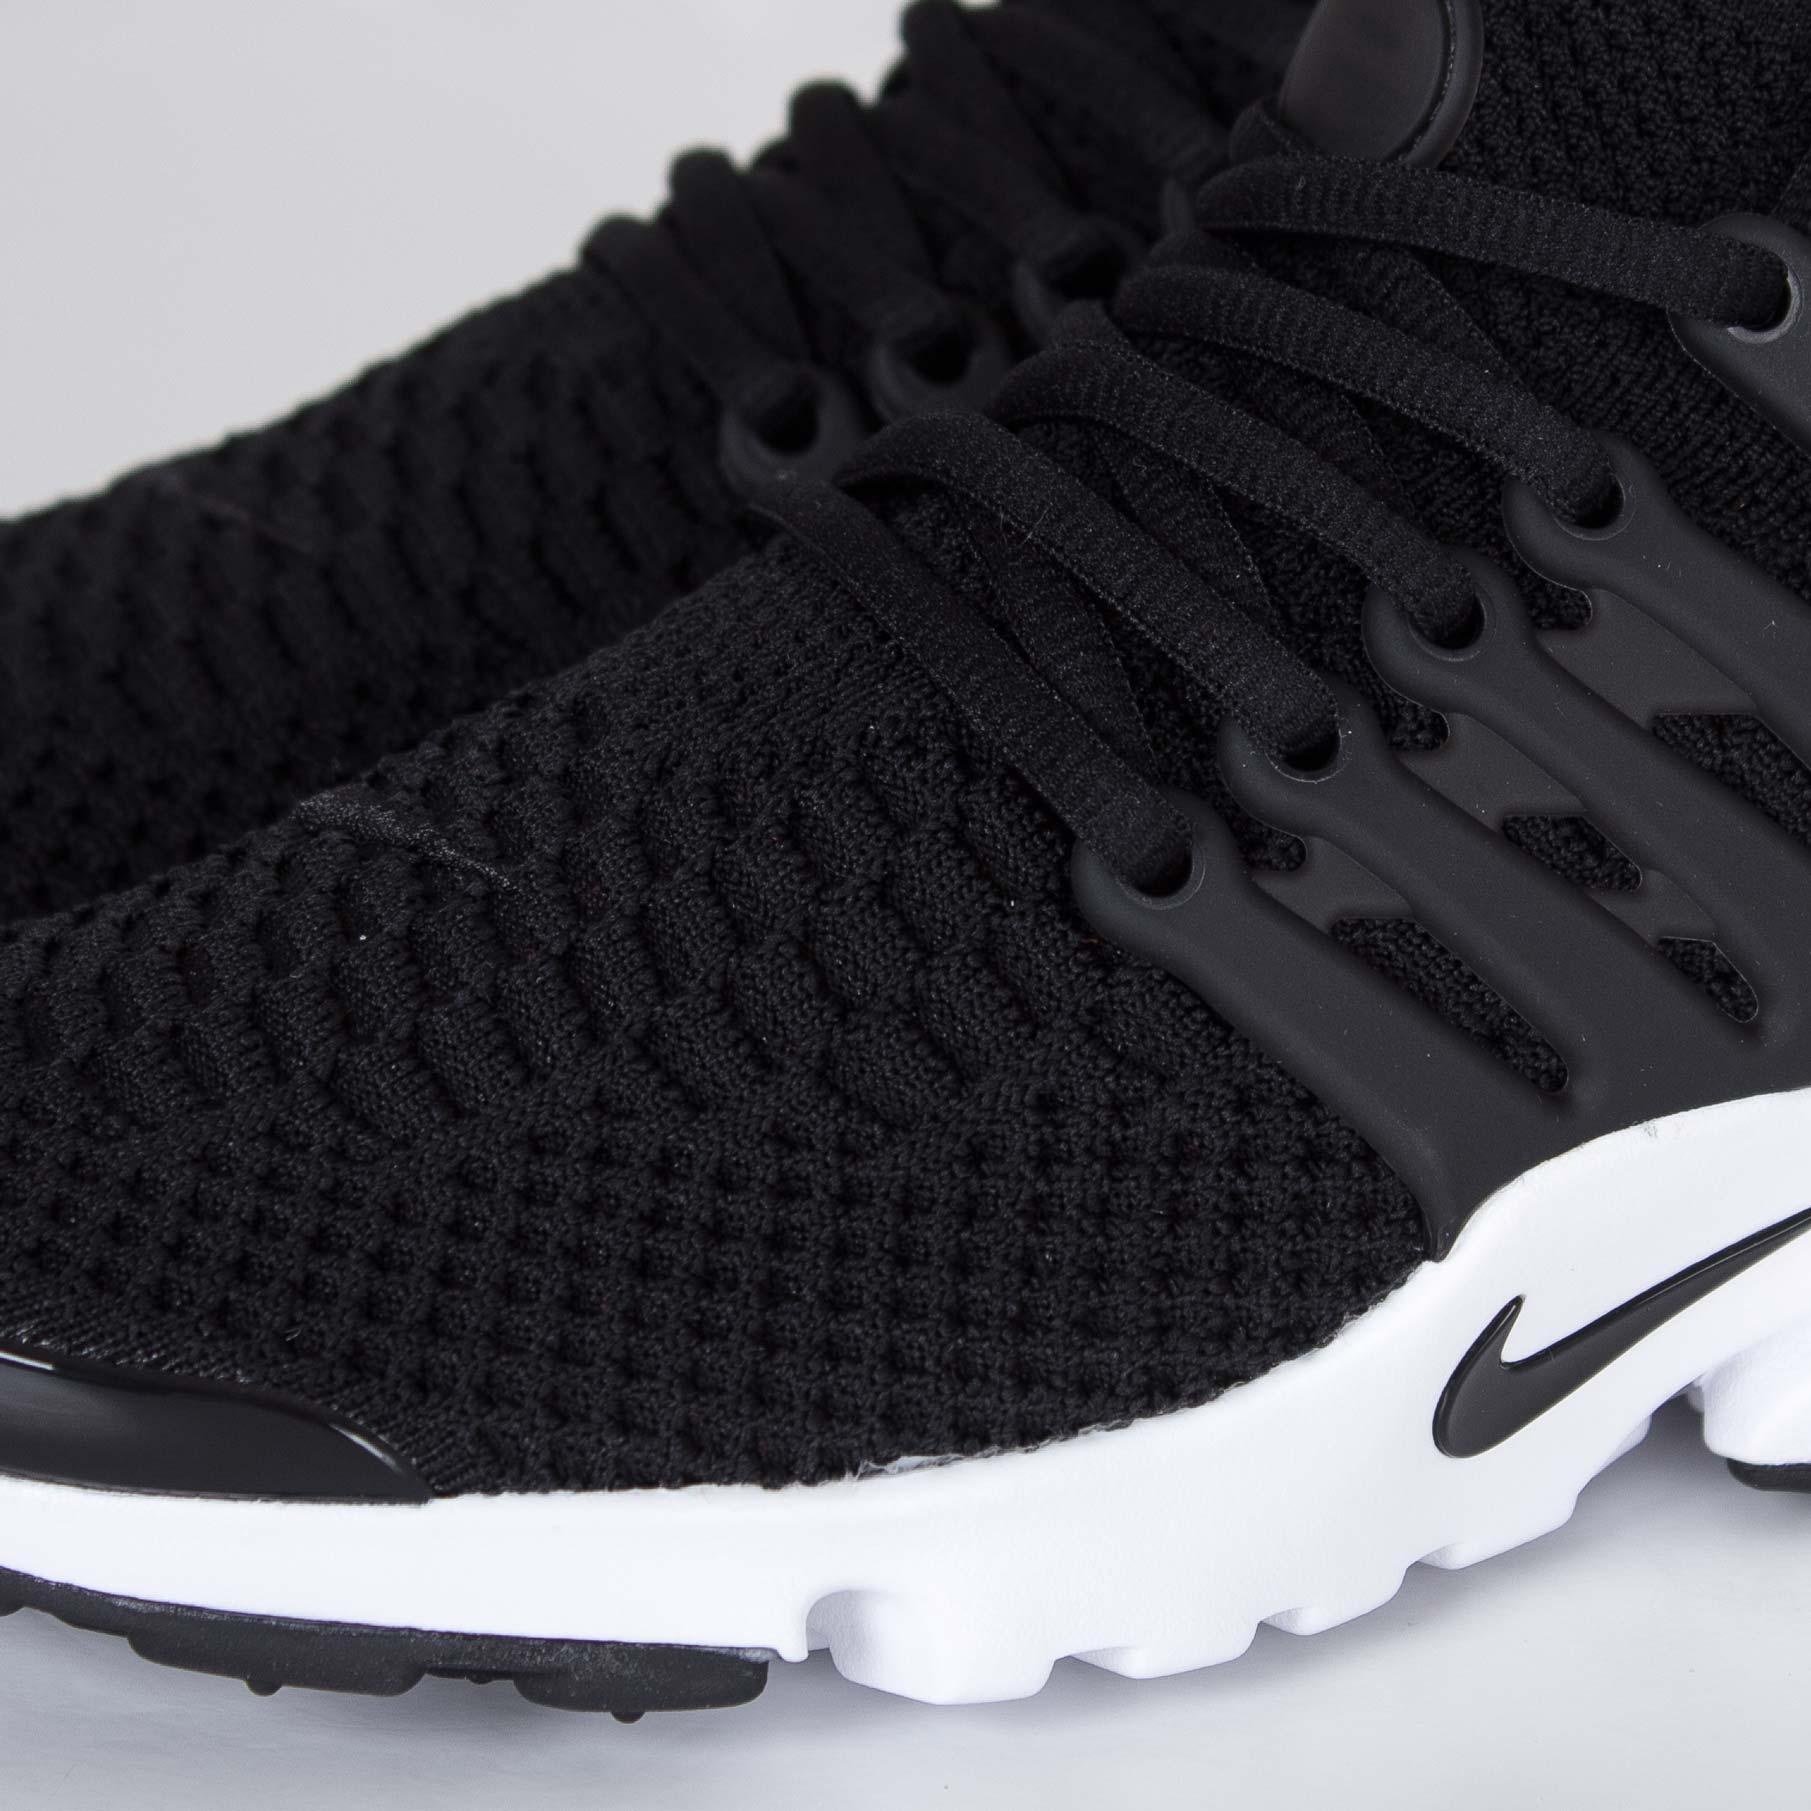 free shipping d181b 2b8e4 Nike Wmns Air Presto Flyknit Ultra - 835738-001 - Sneakersnstuff   sneakers    streetwear online since 1999